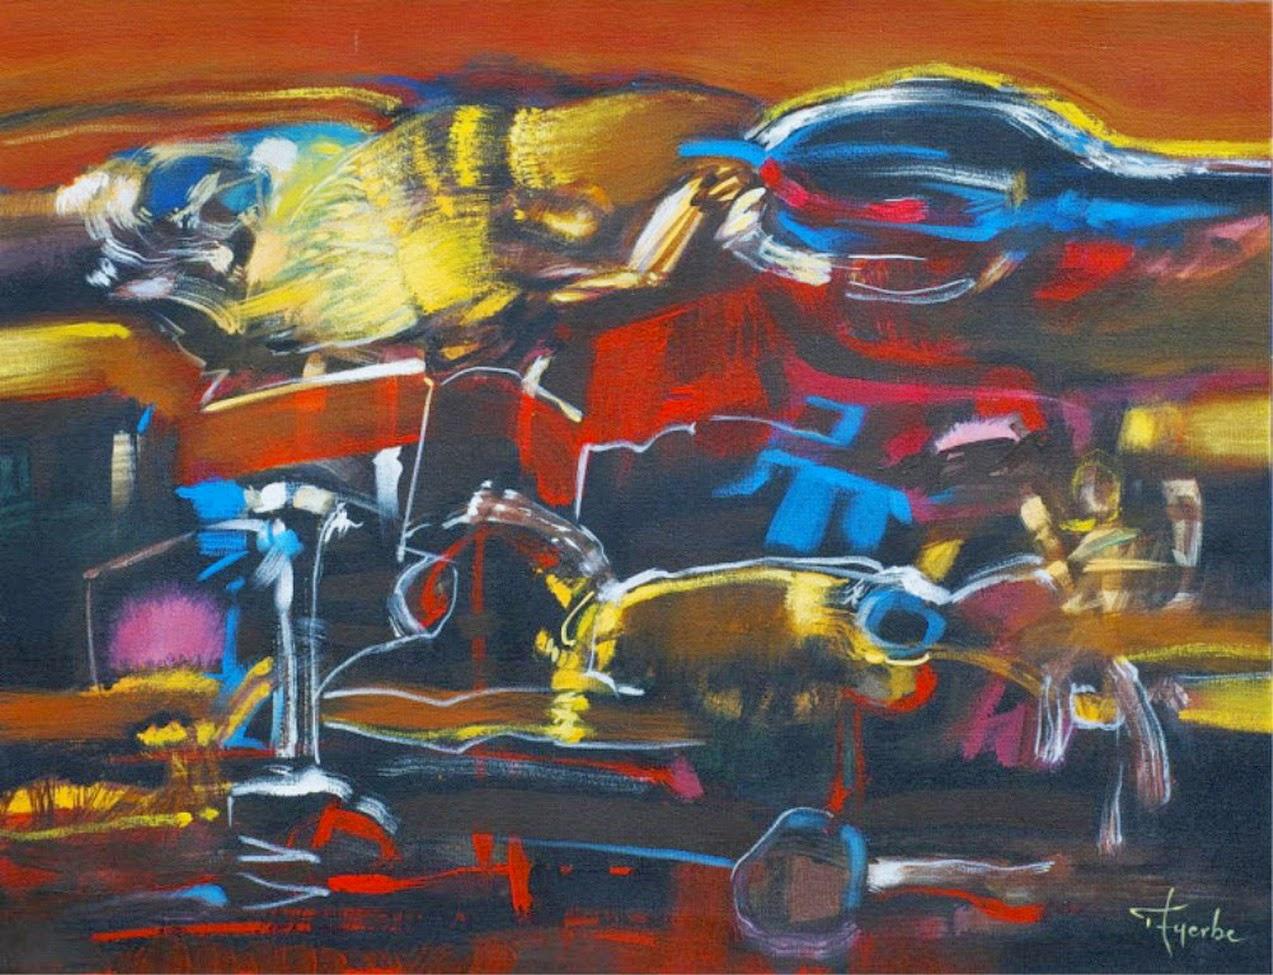 Pintura Moderna Y Fotograf A Art Stica Pintura Art Stica